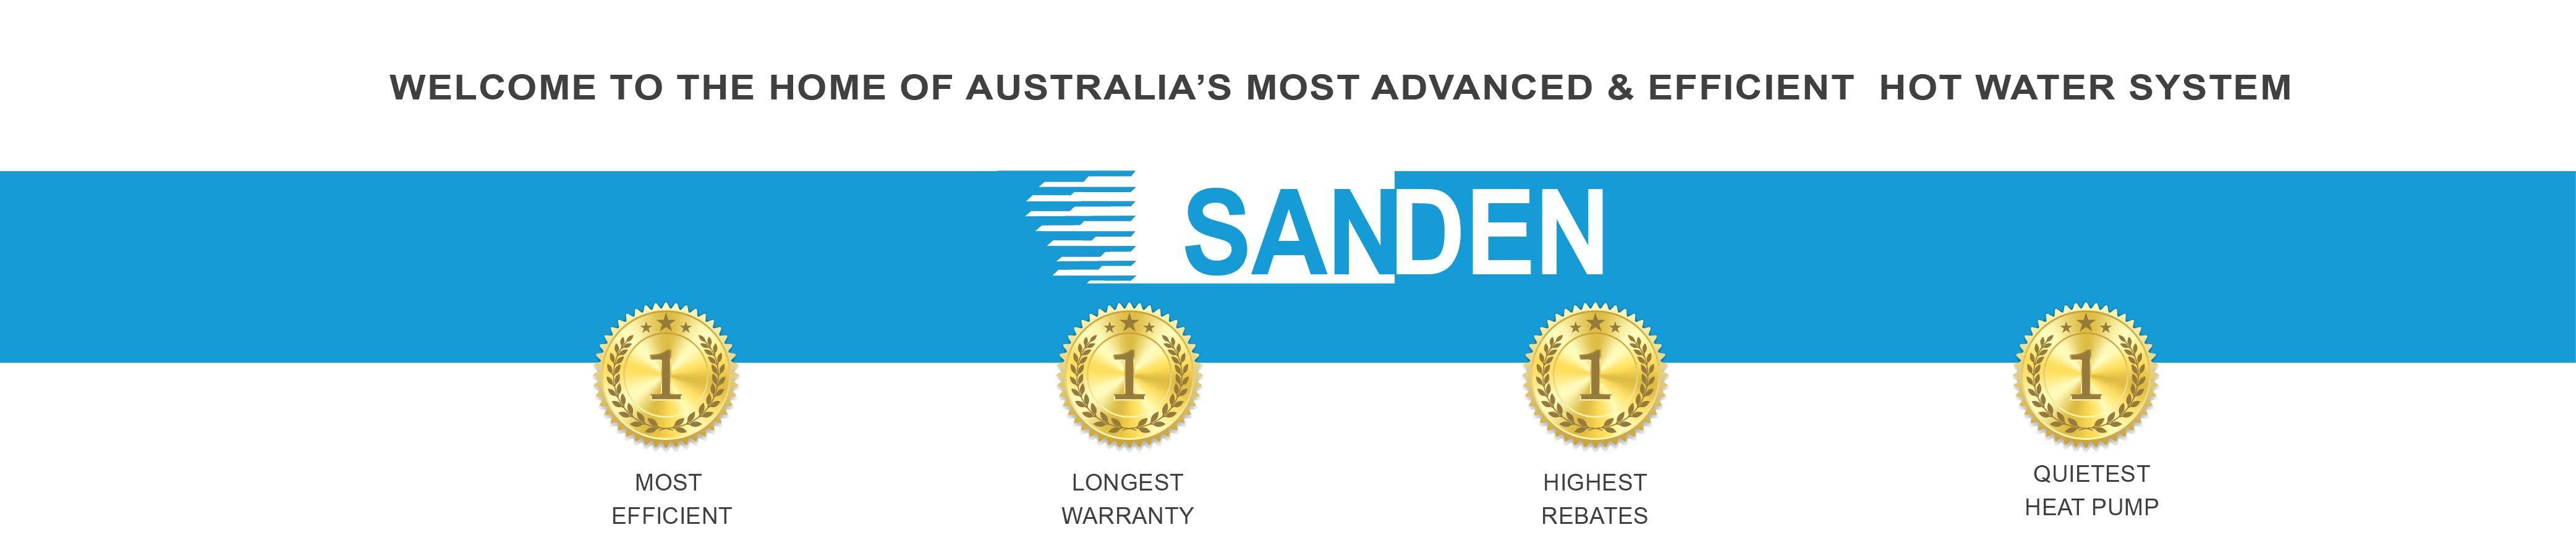 Sanden-hot-water-newgen-solar